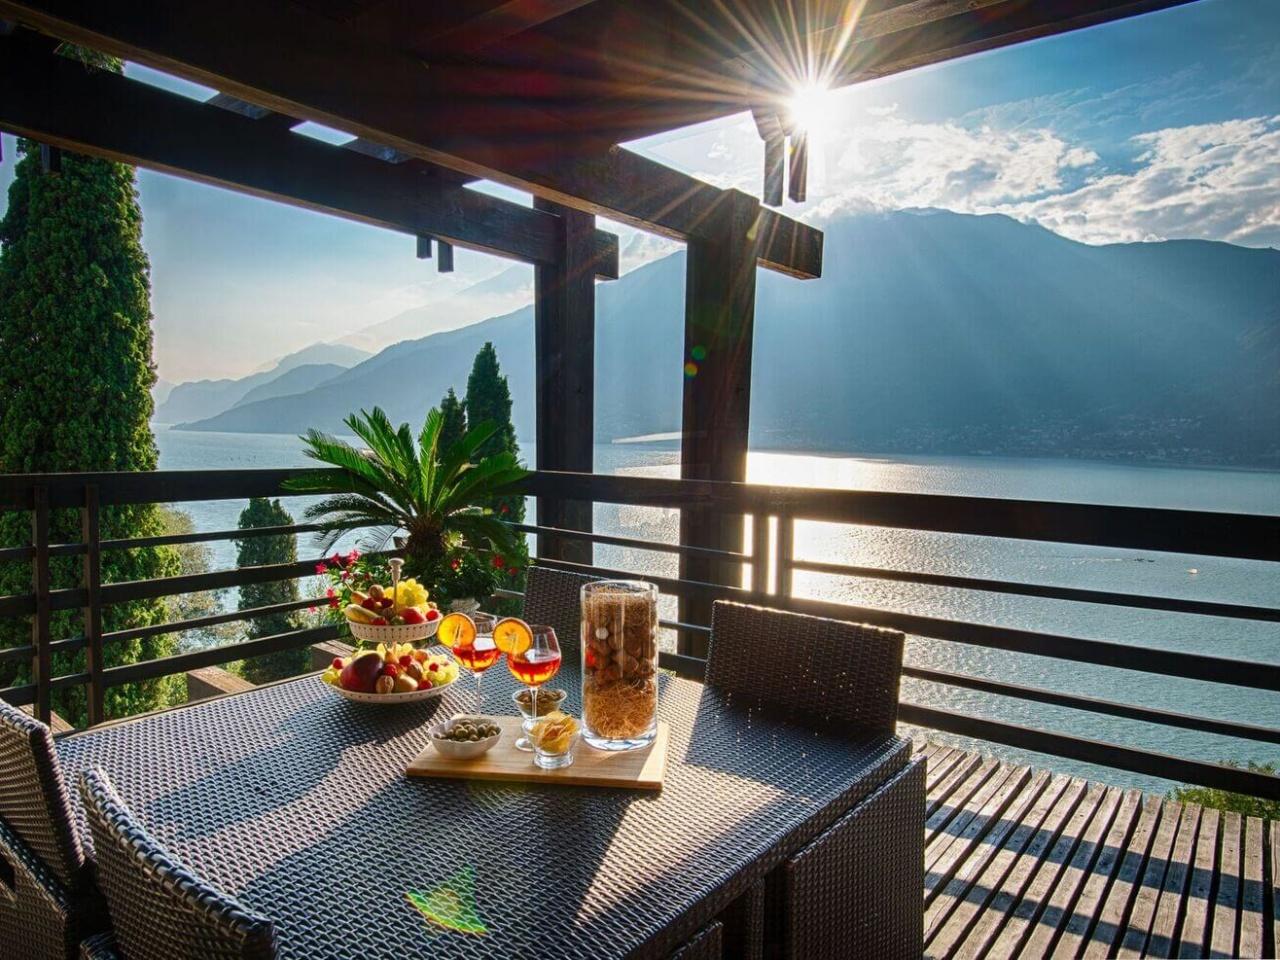 villa-meraviglia-colico-24-cocktail-in-veranda